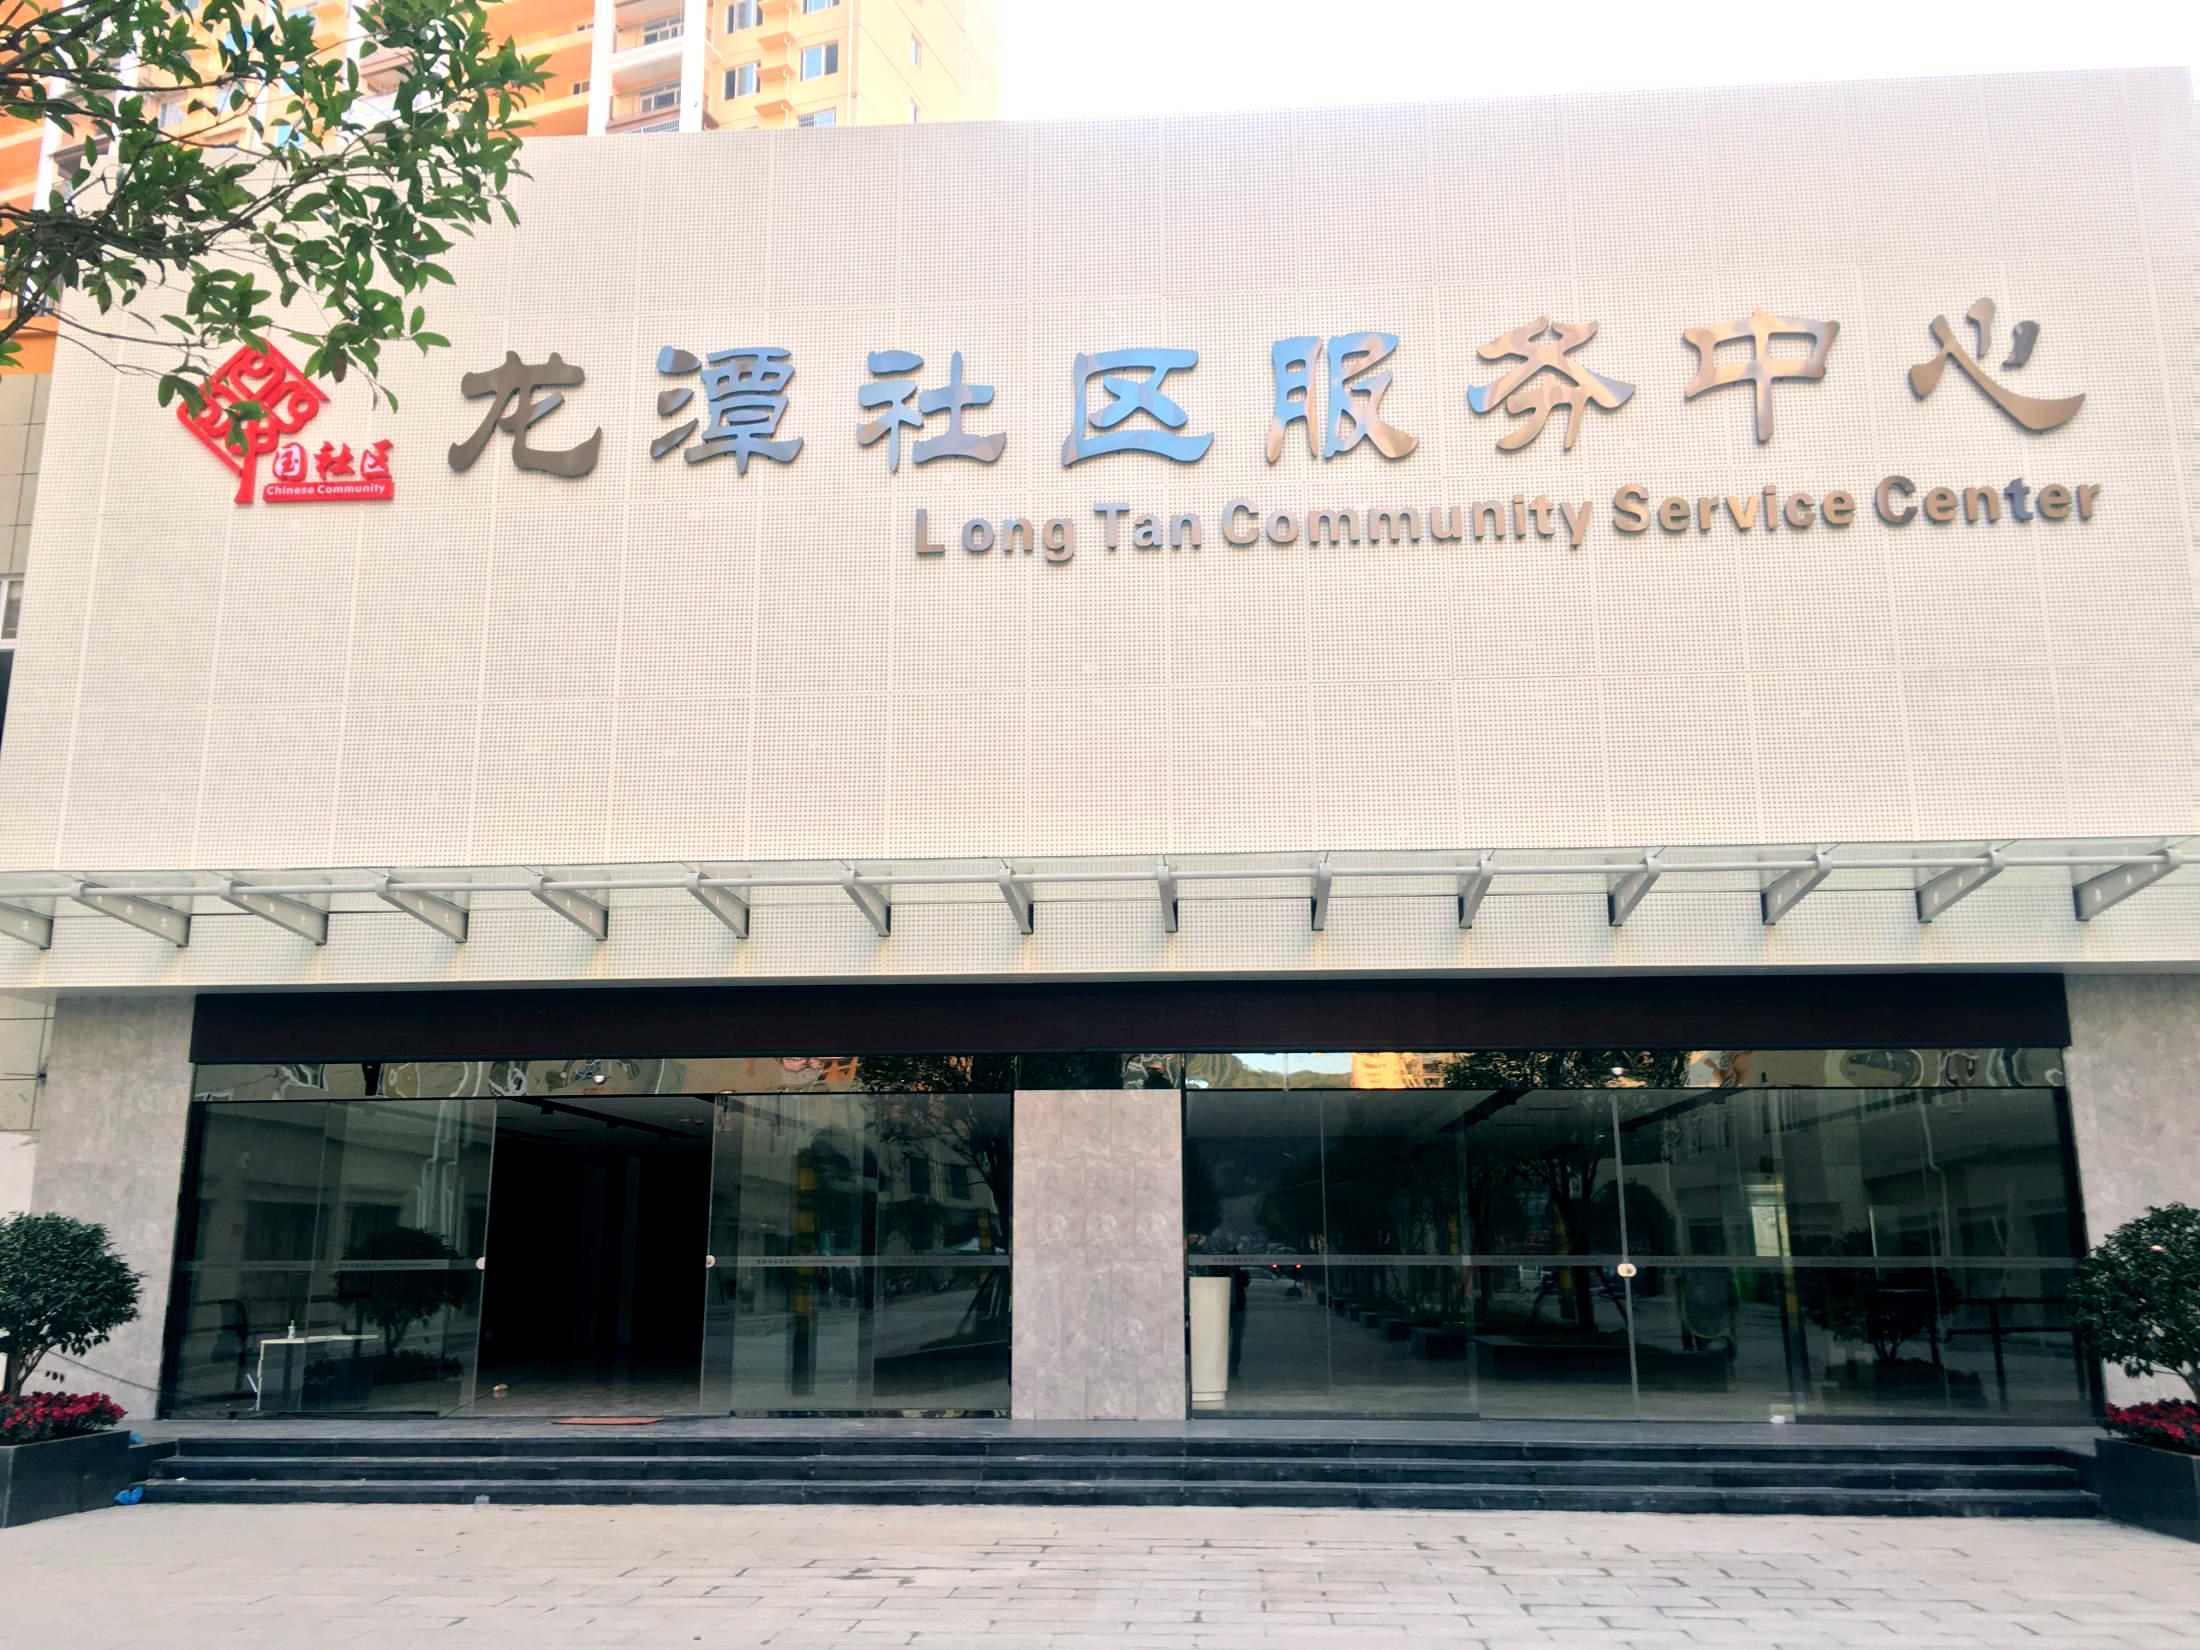 【京邦·广播和会议系统案例】龙潭社区服务中心